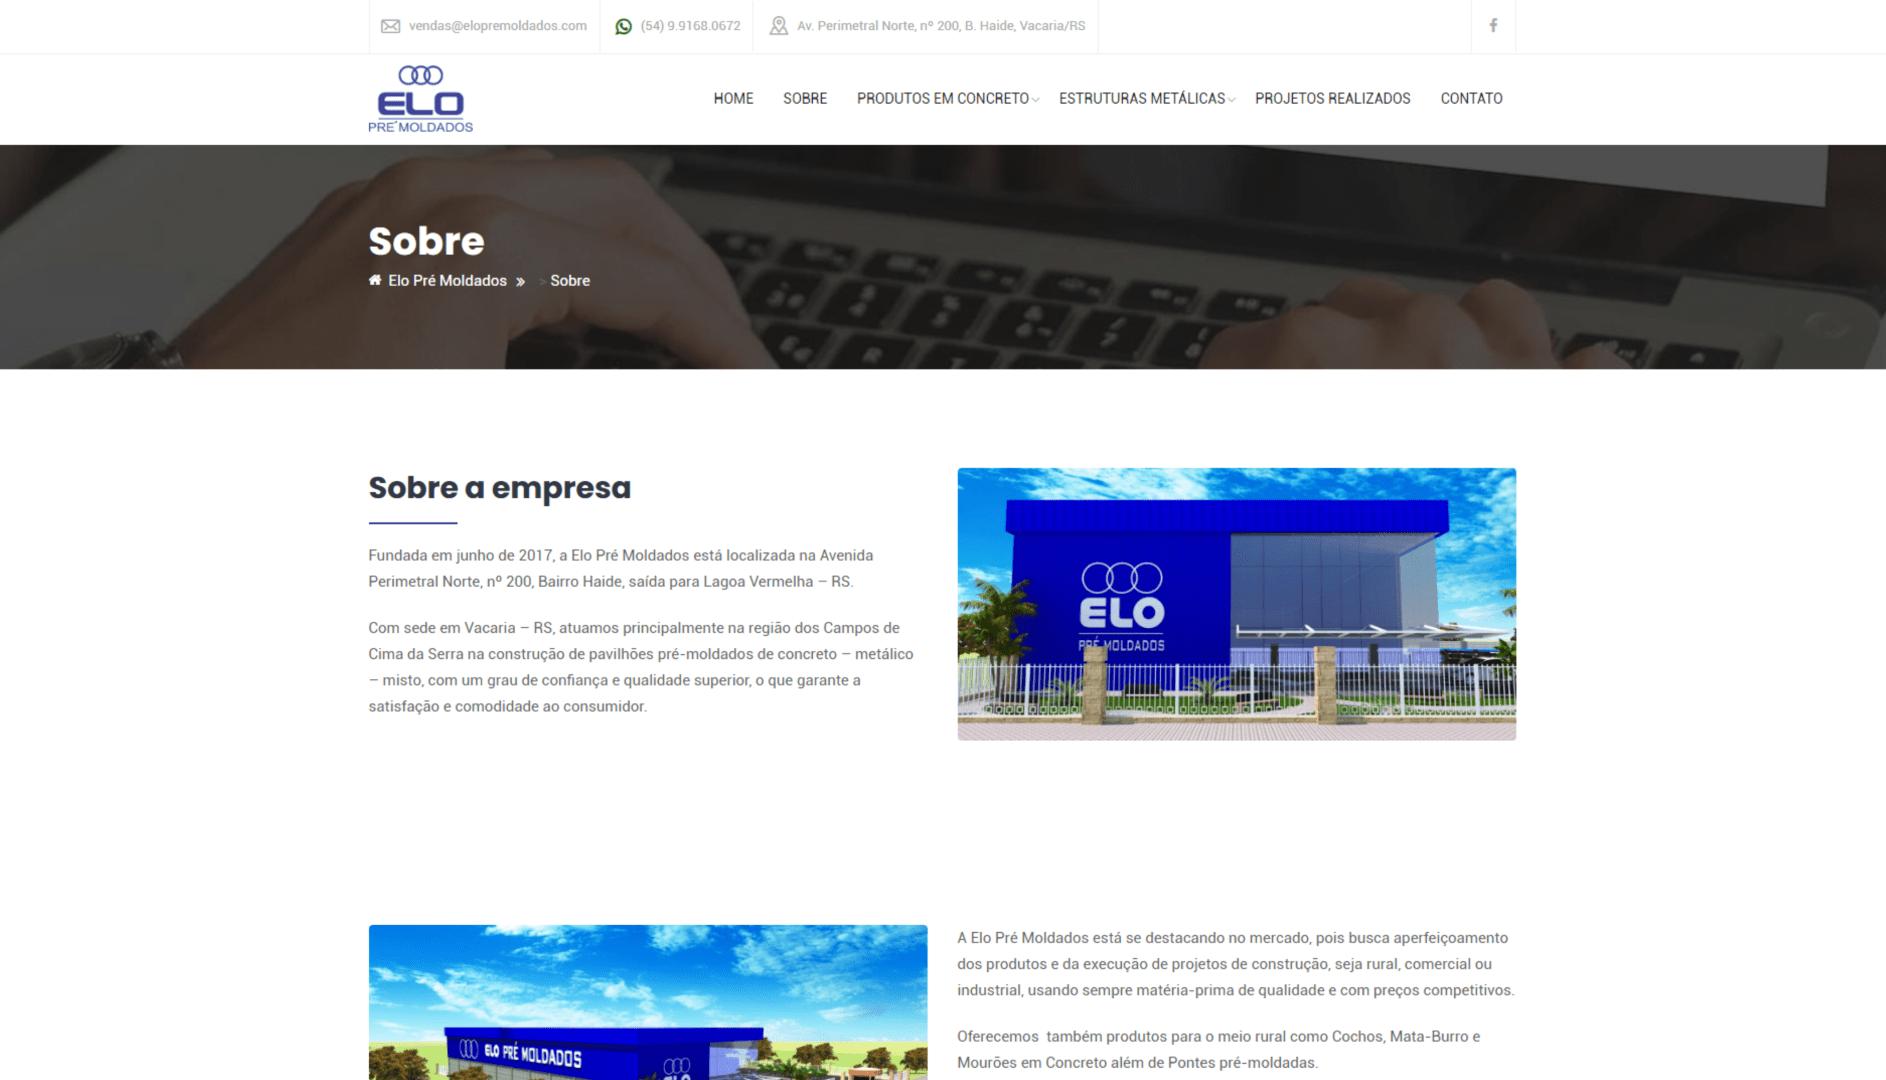 https://www.6i.com.br/case/elo-pr-moldados/